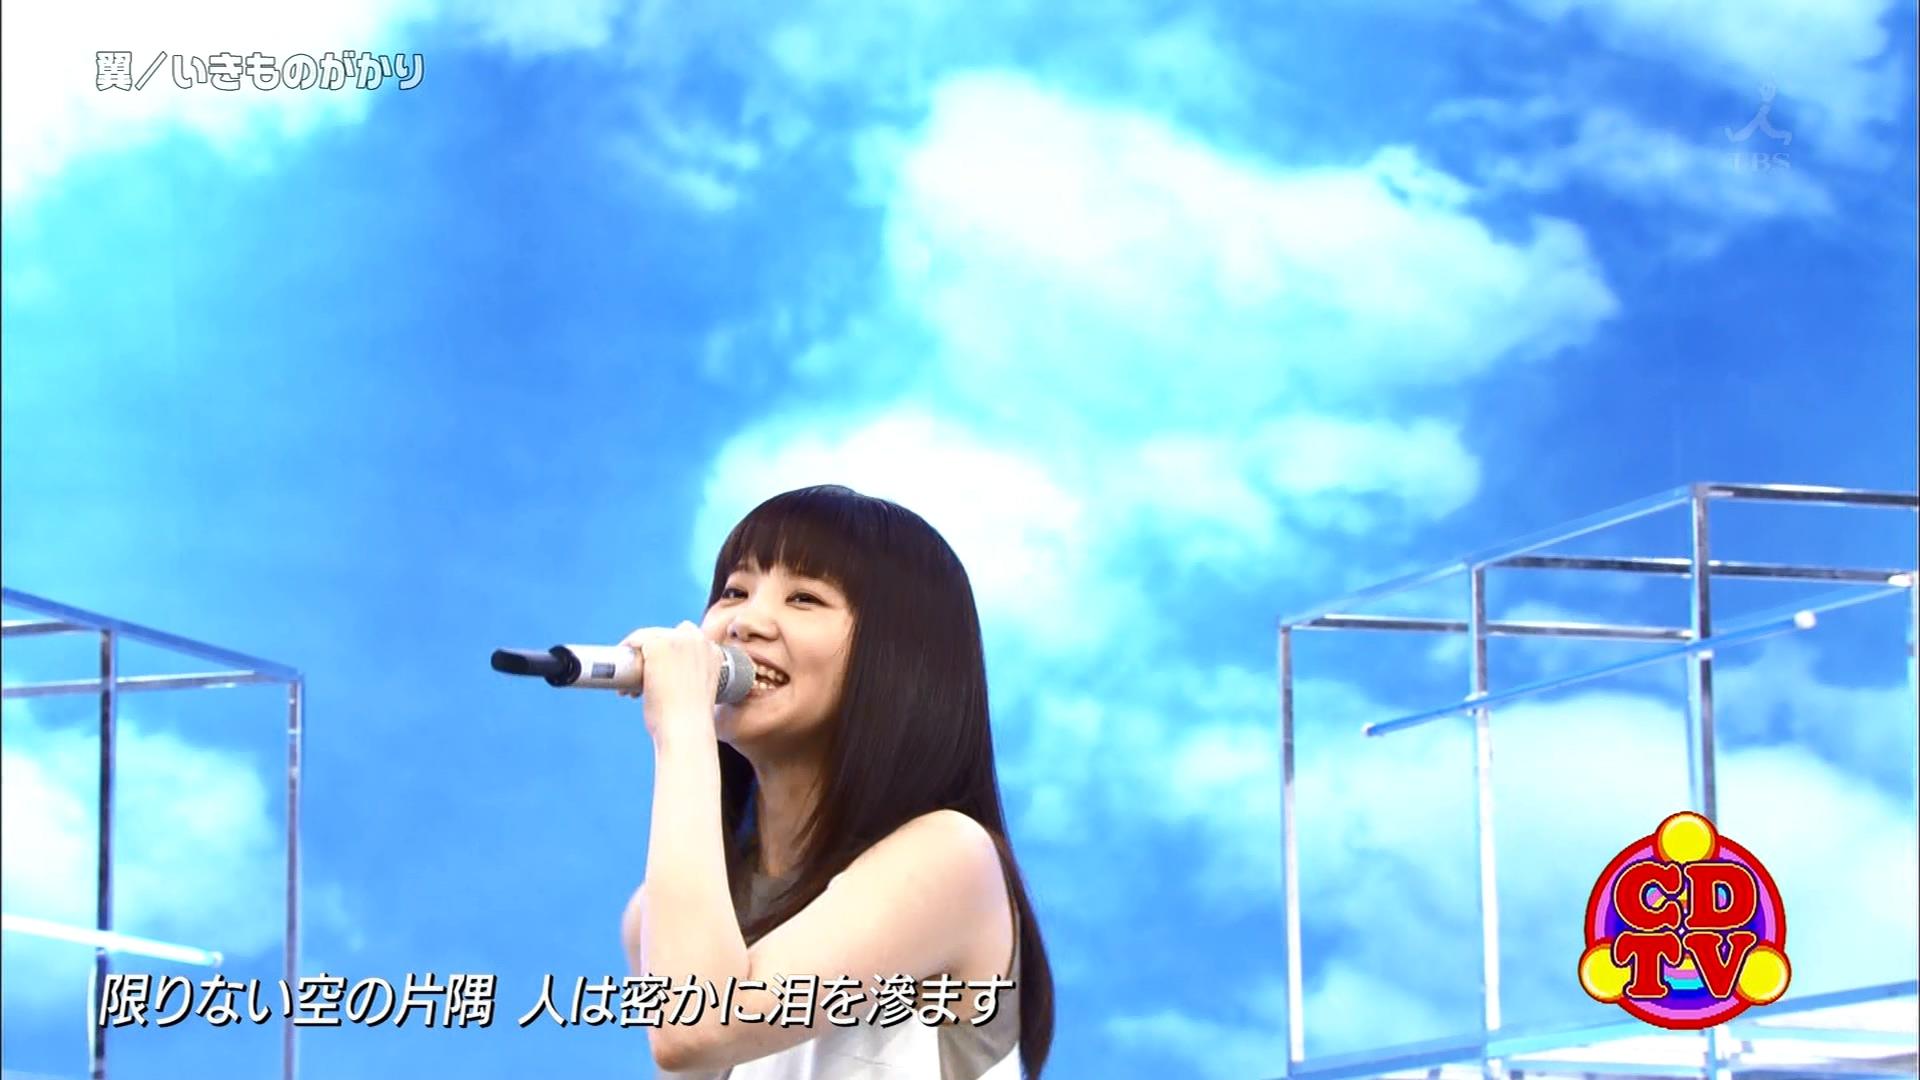 2016.03.19 いきものがかり - 翼(CDTV).ts_20160320_015223.134